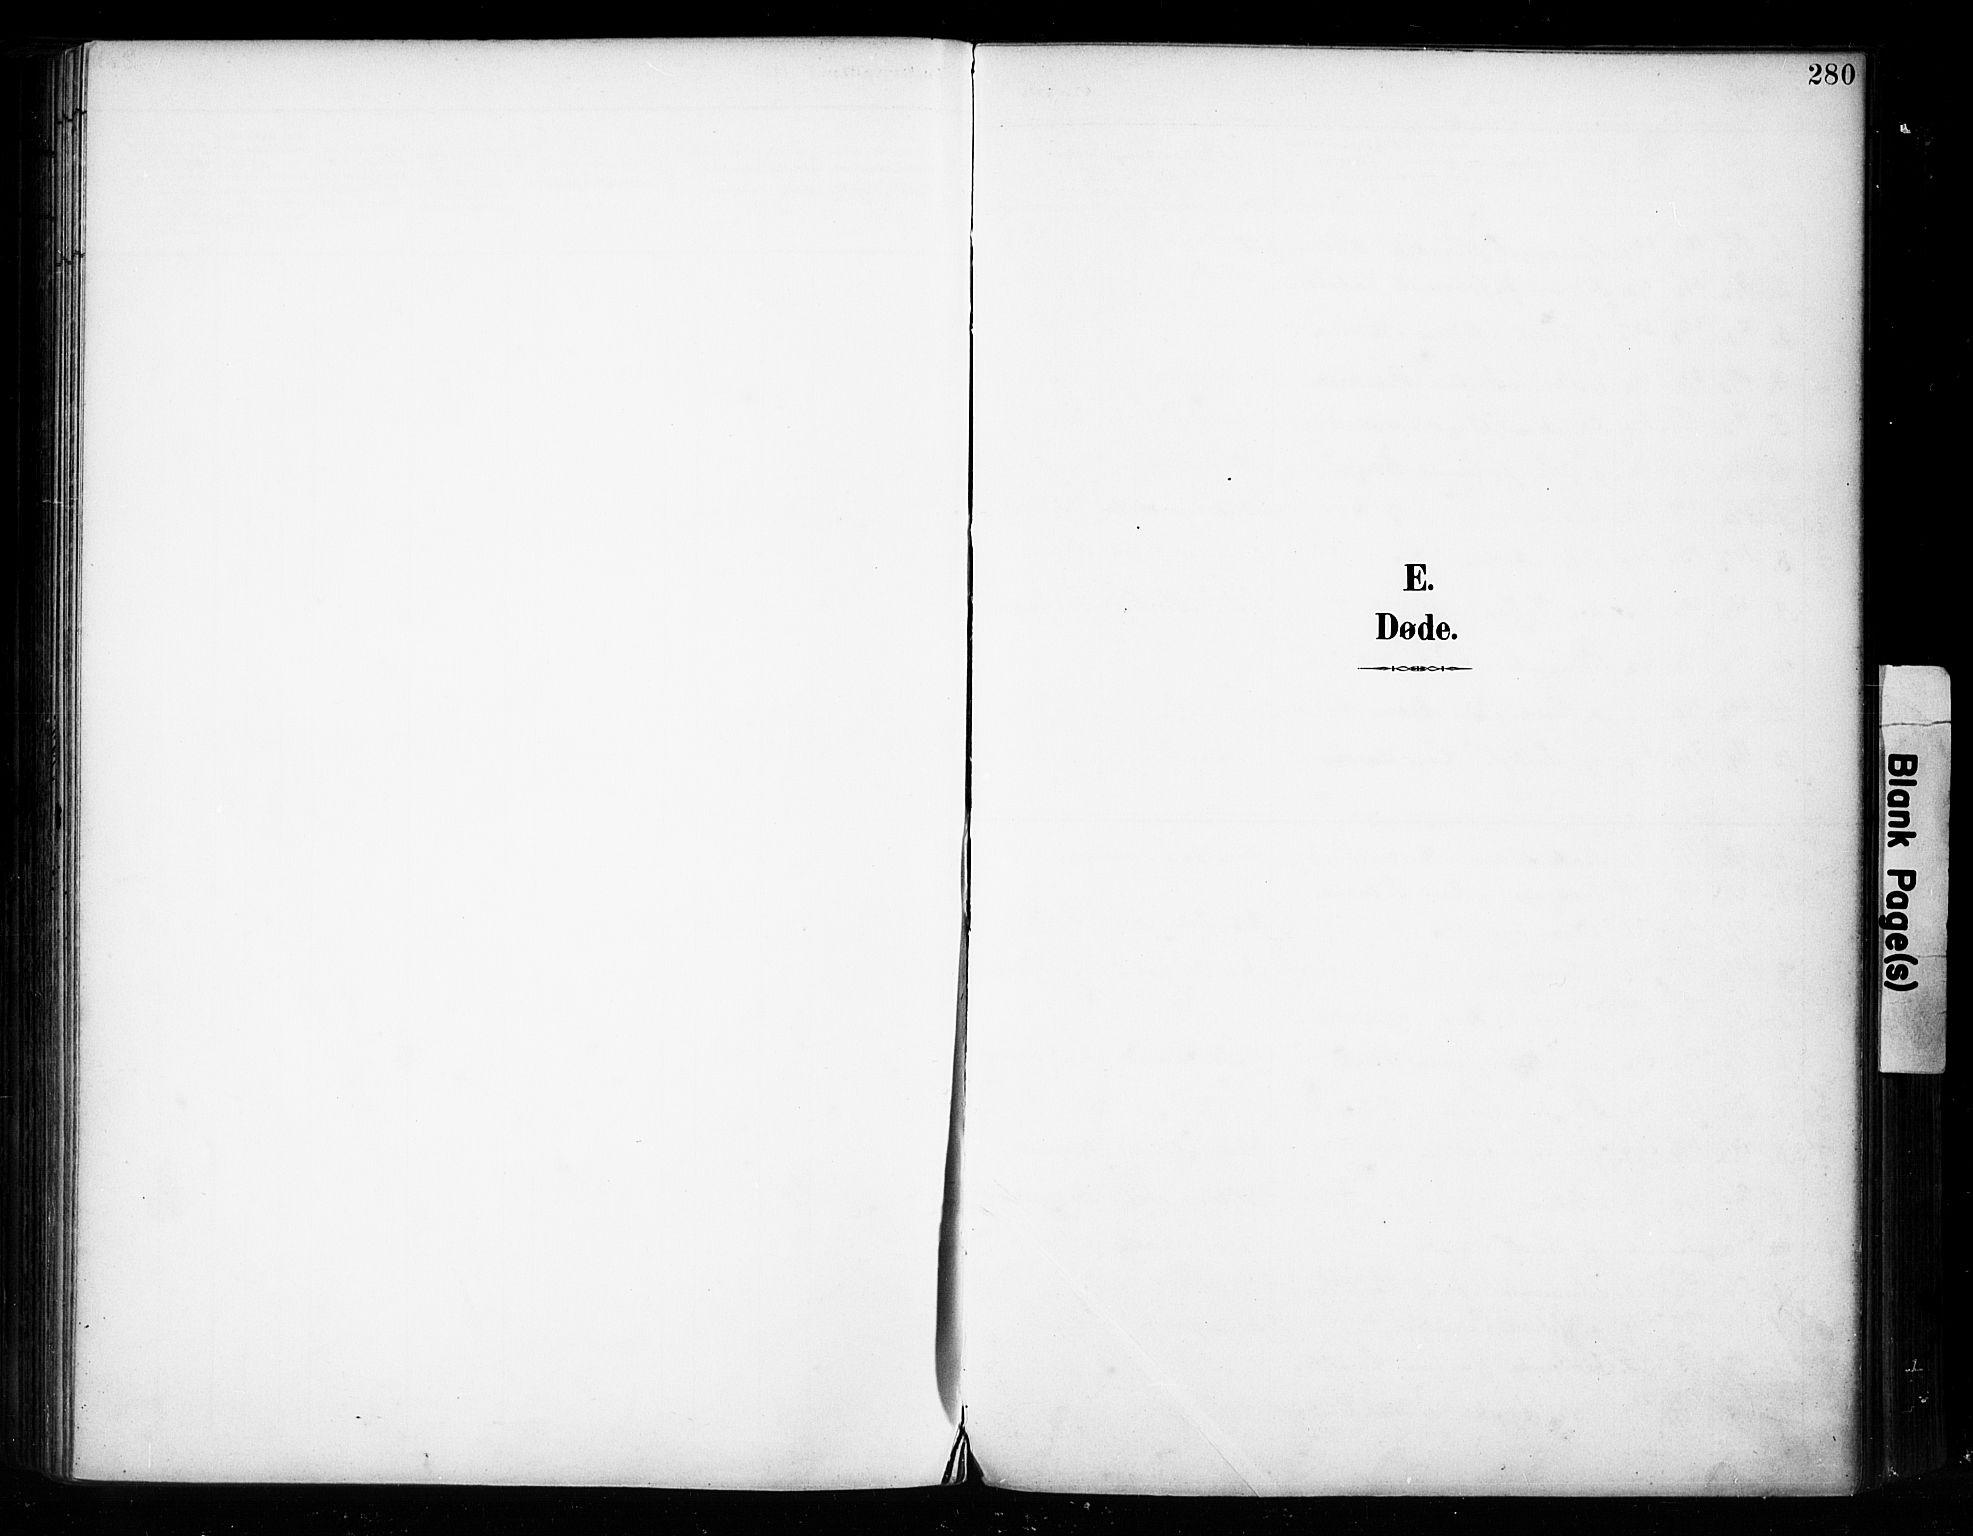 SAH, Vestre Toten prestekontor, Ministerialbok nr. 11, 1895-1906, s. 280